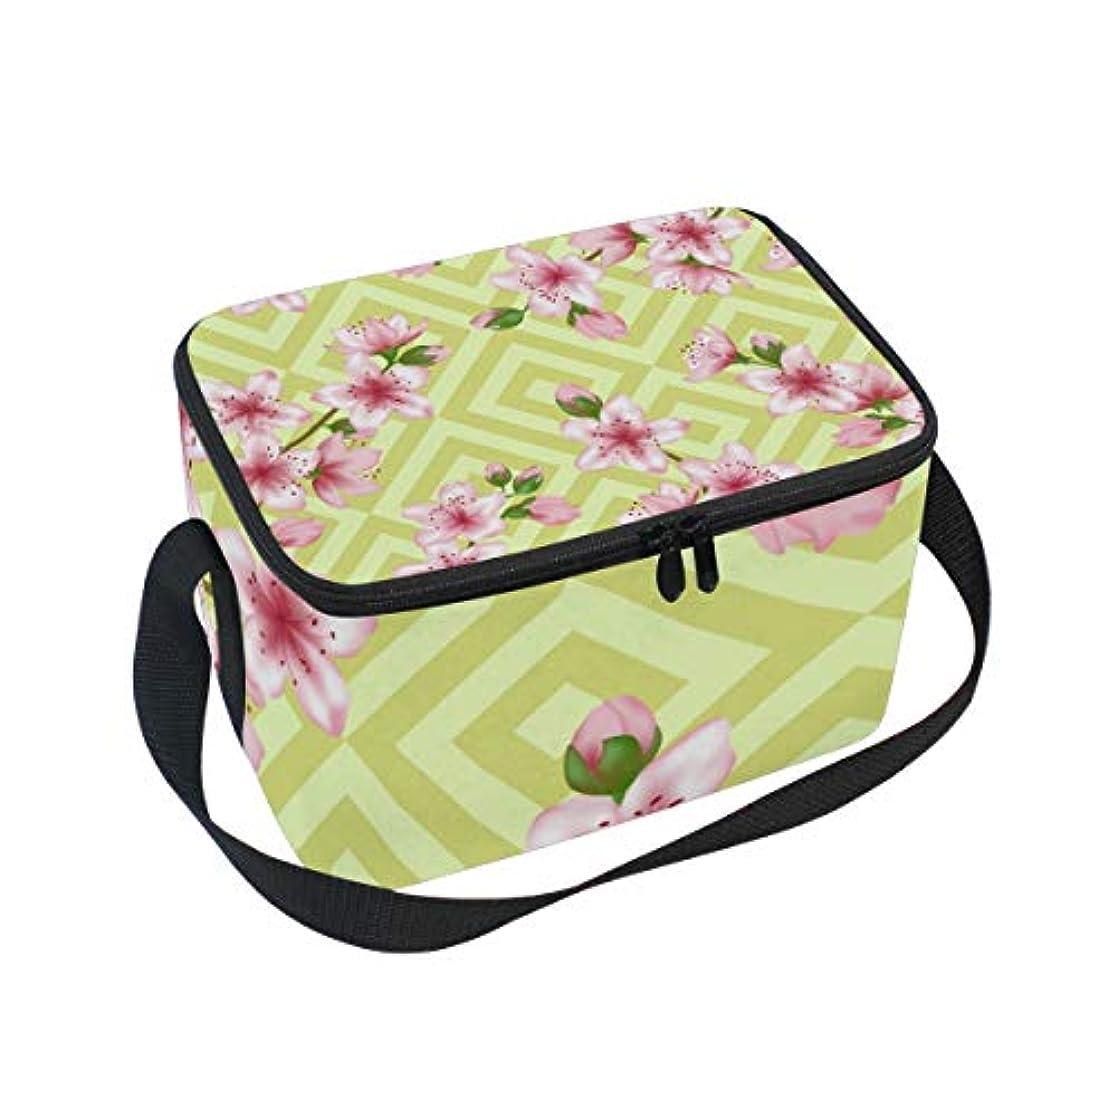 の間で転用ライバルクーラーバッグ クーラーボックス ソフトクーラ 冷蔵ボックス キャンプ用品 桜花柄 保冷保温 大容量 肩掛け お花見 アウトドア